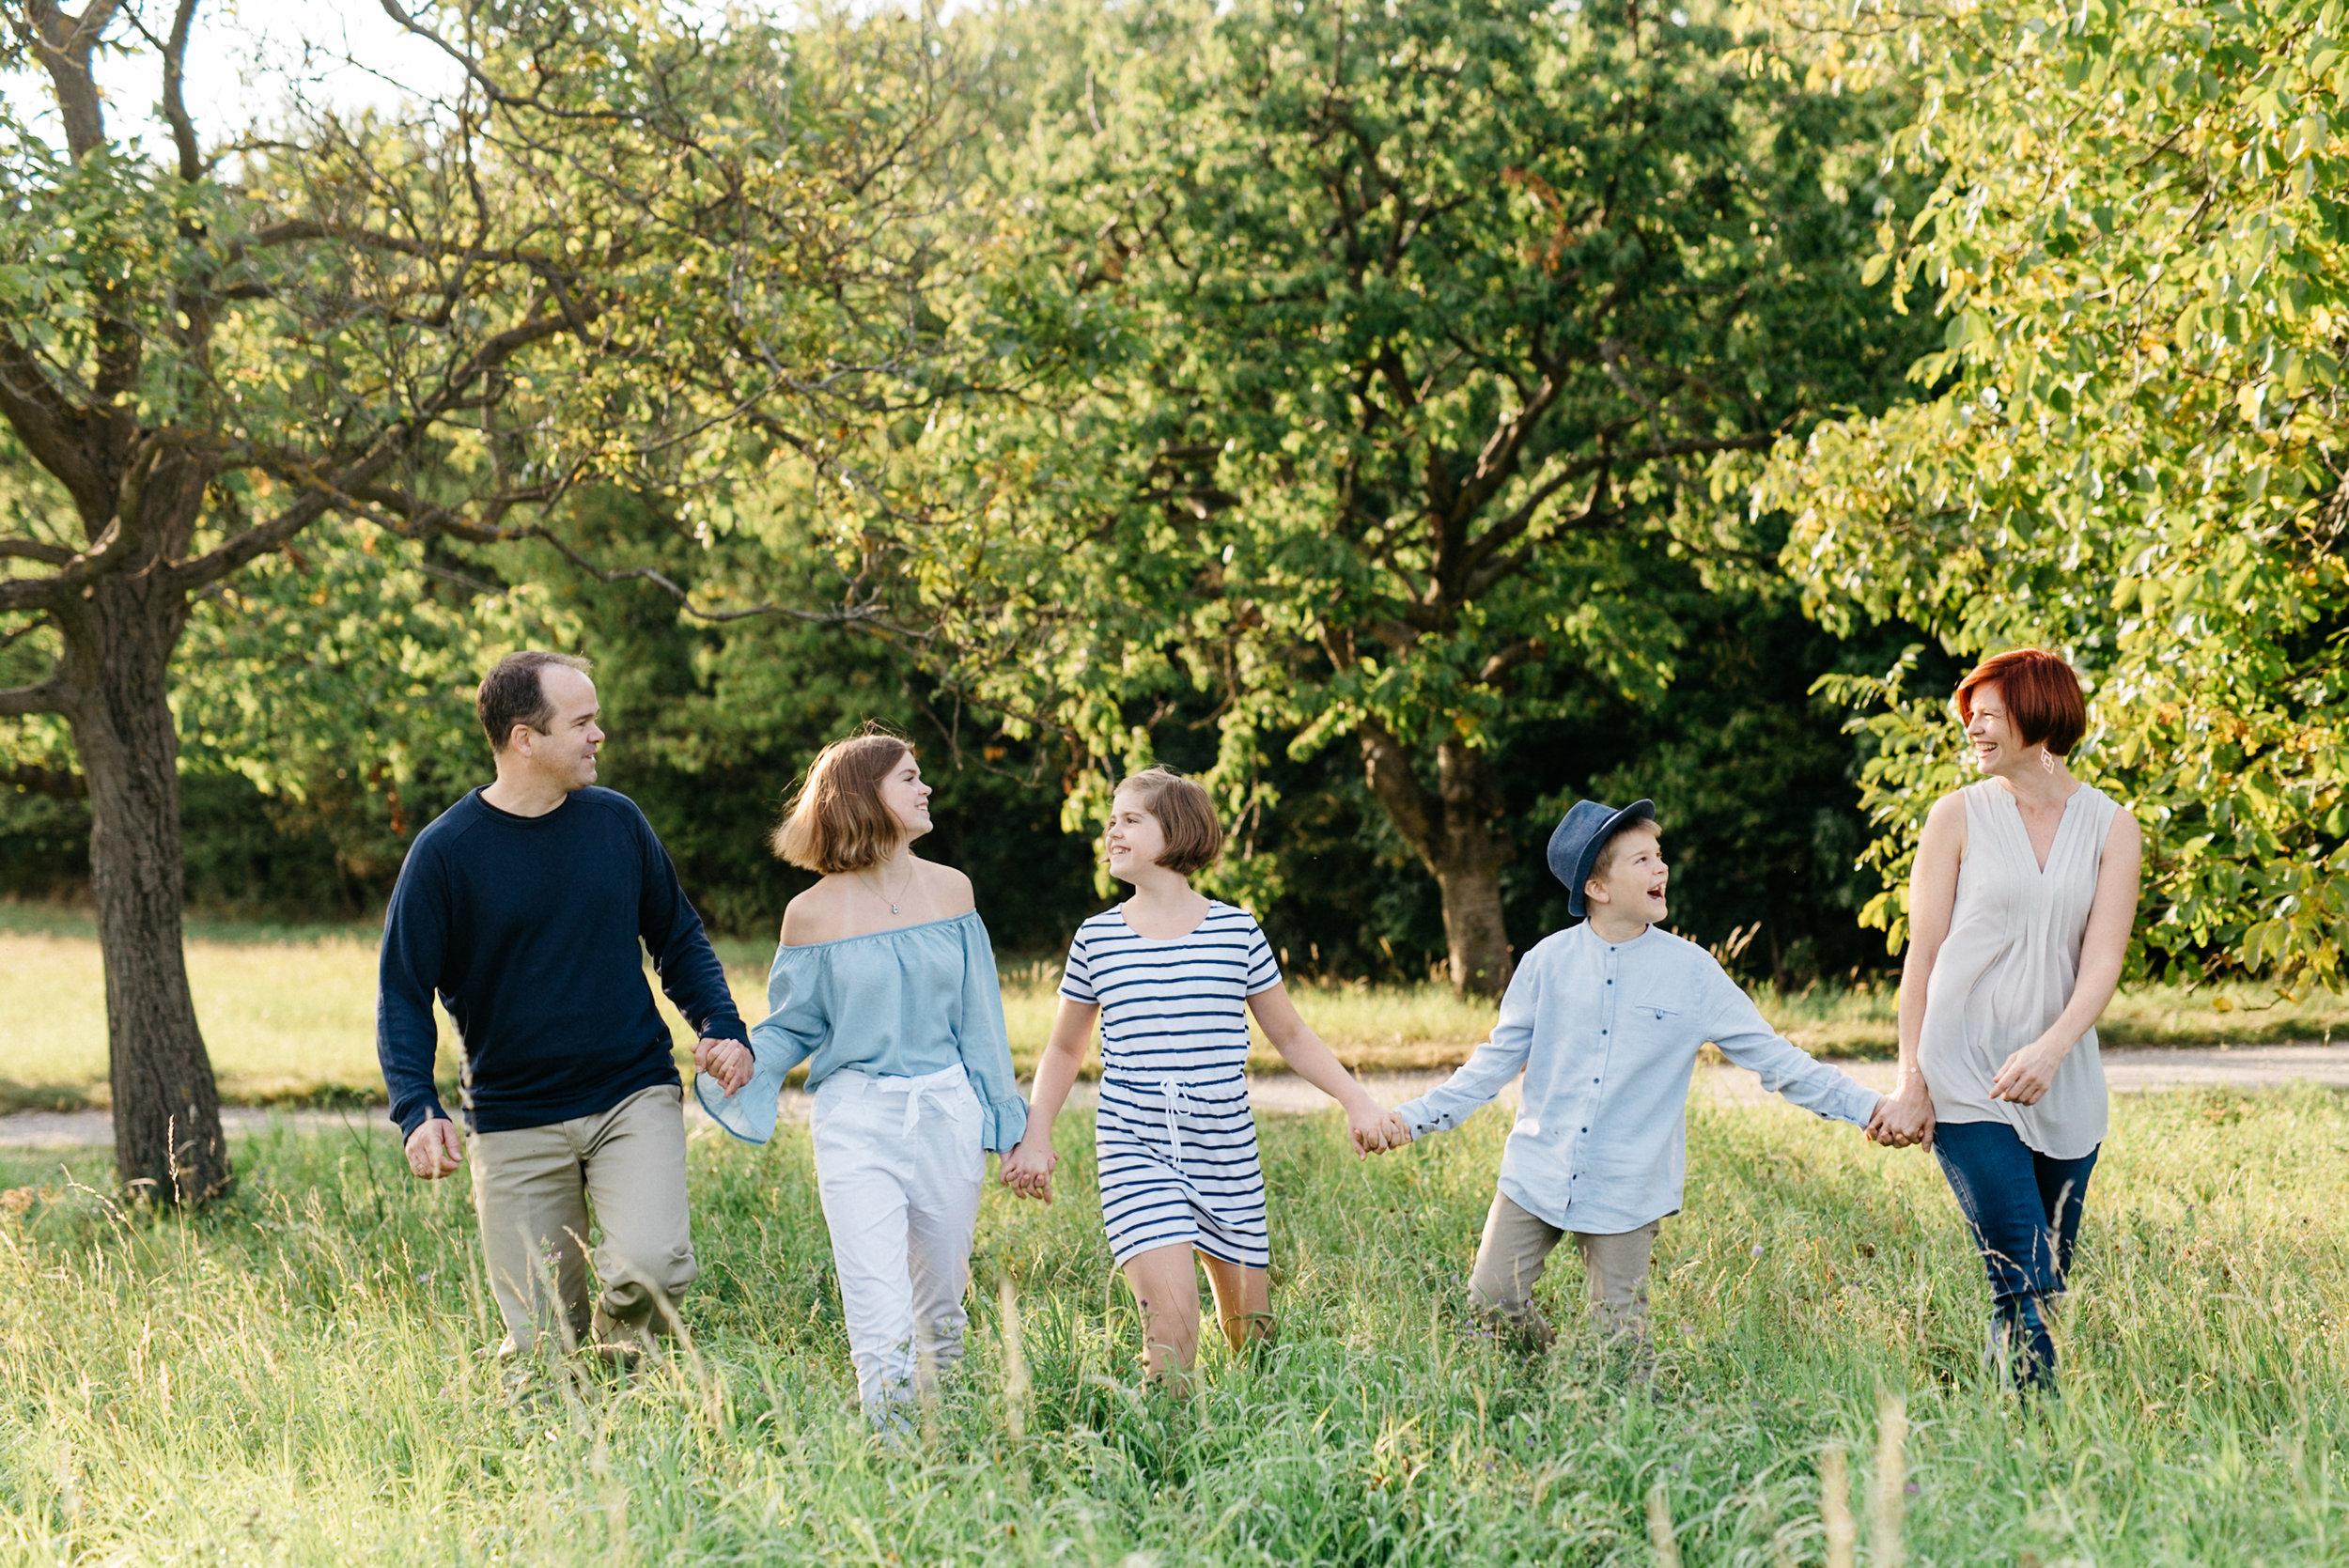 Meine Familie - da wo mein Herz schlägt